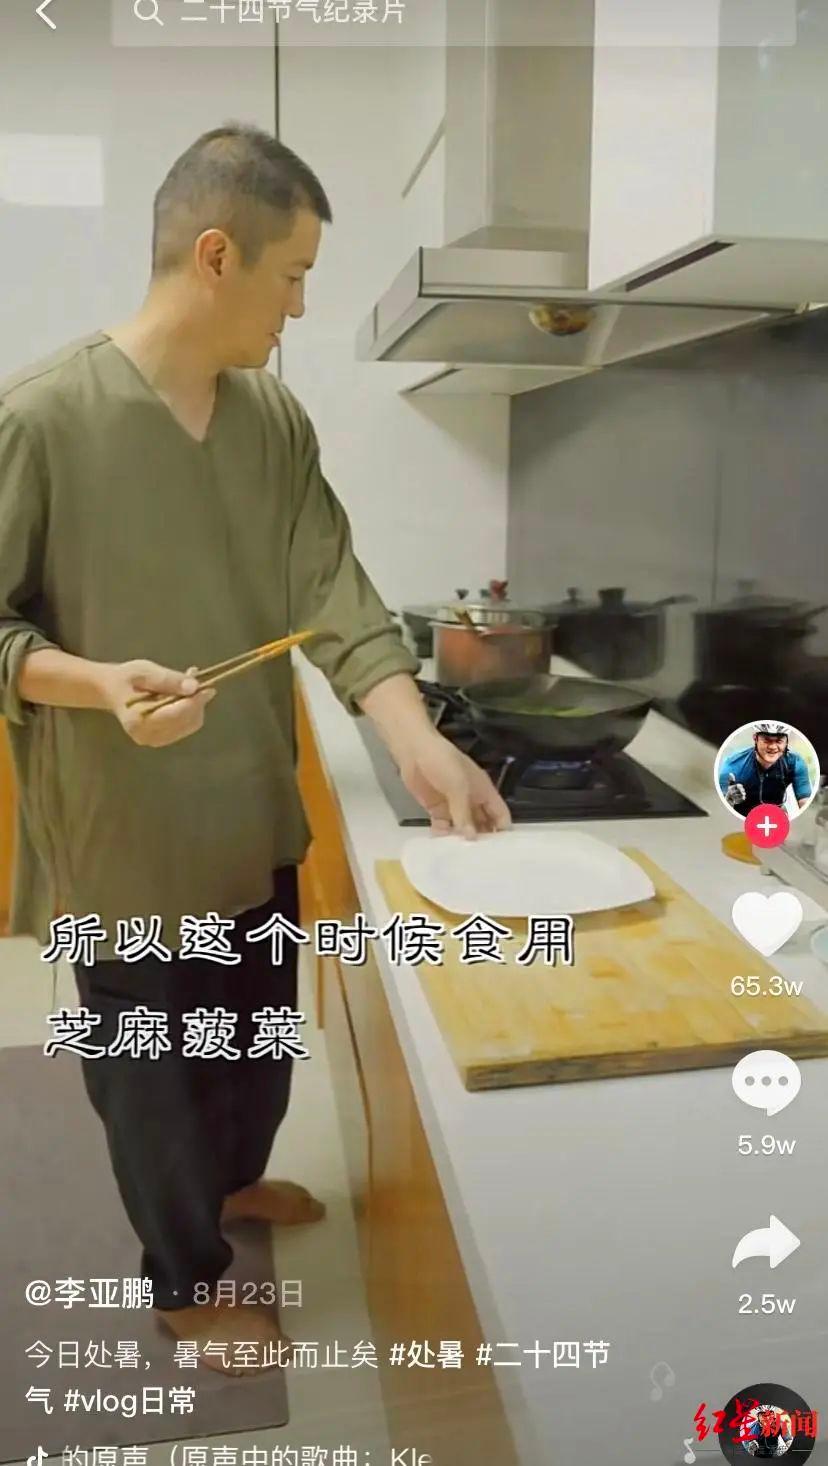 李亚鹏在短视频中做芝麻菠菜